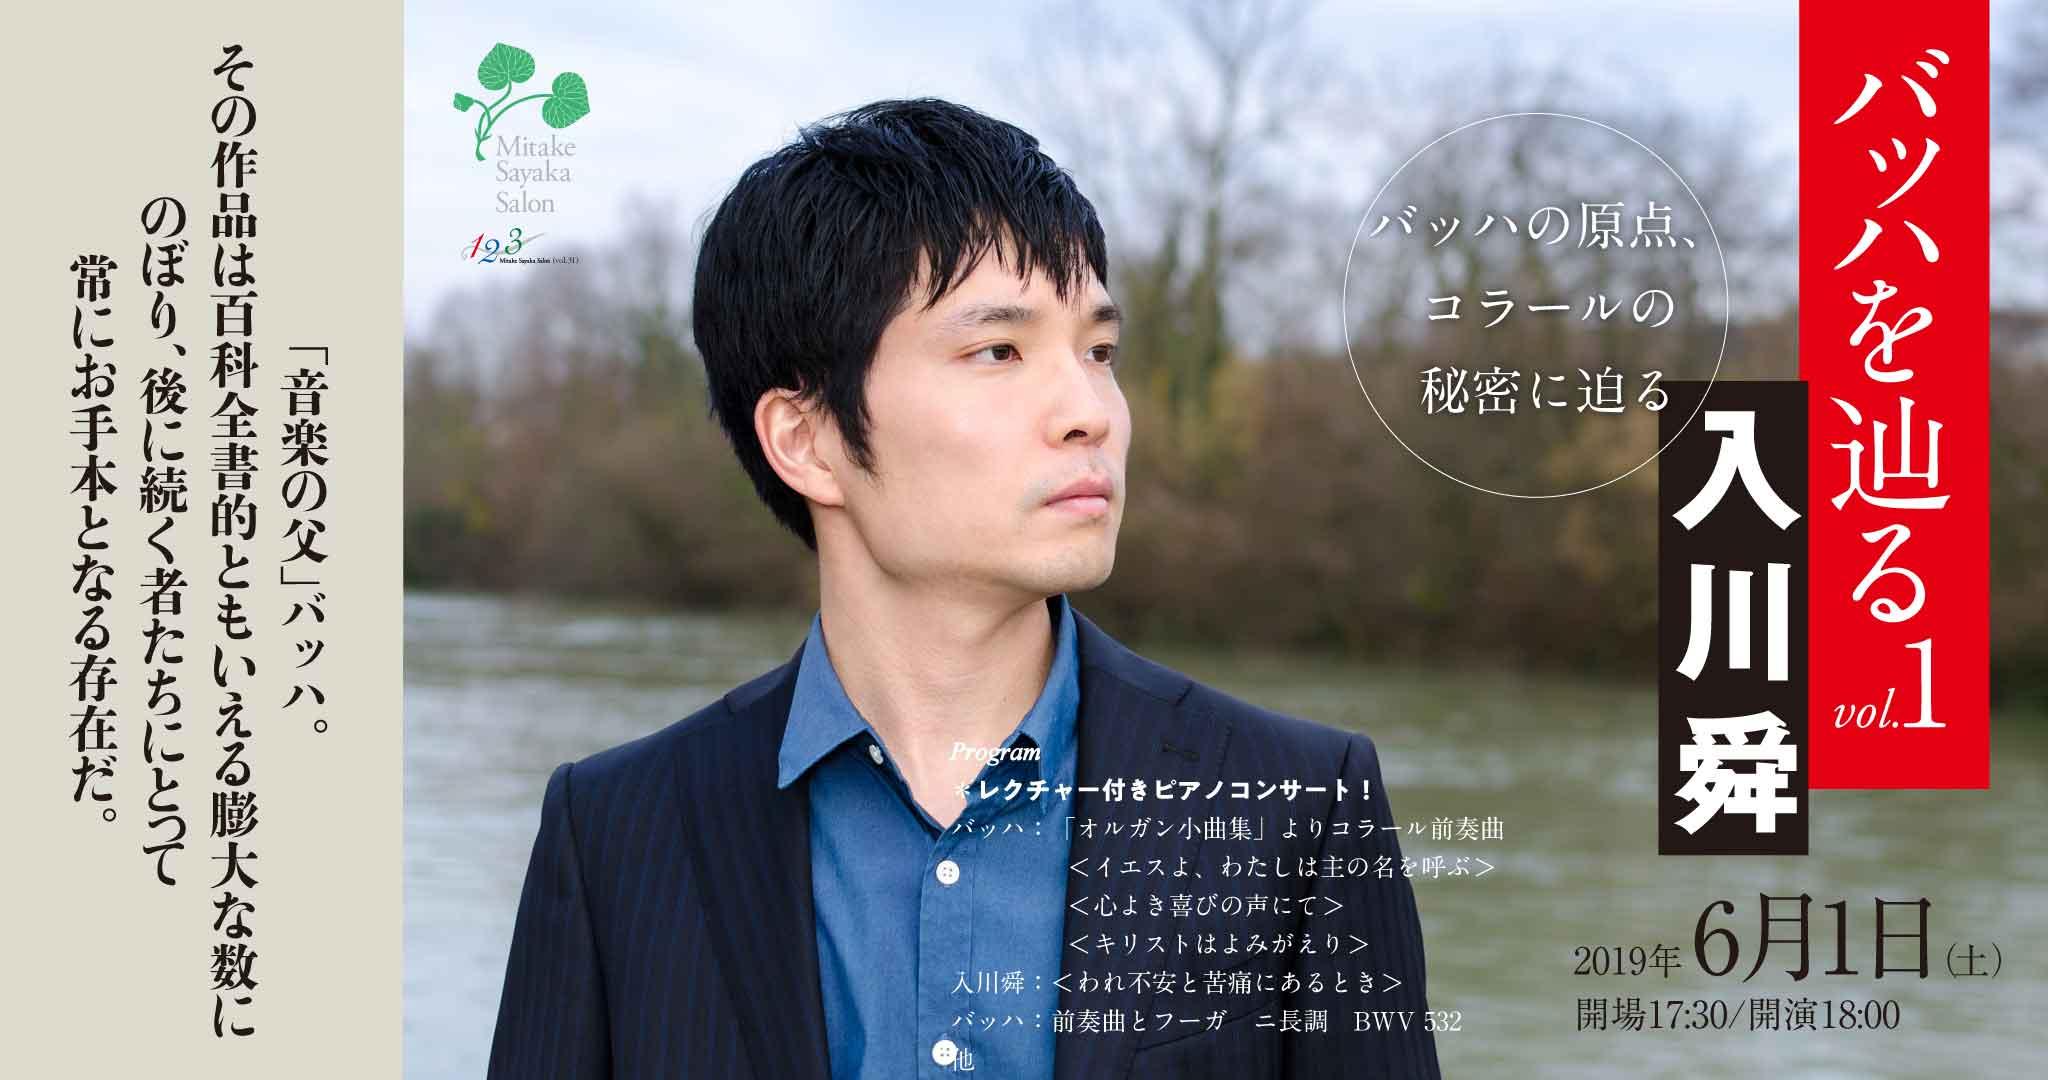 【完売】バッハを辿るVol.1 入川舜〜バッハの原点、コラールの秘密に迫る〜